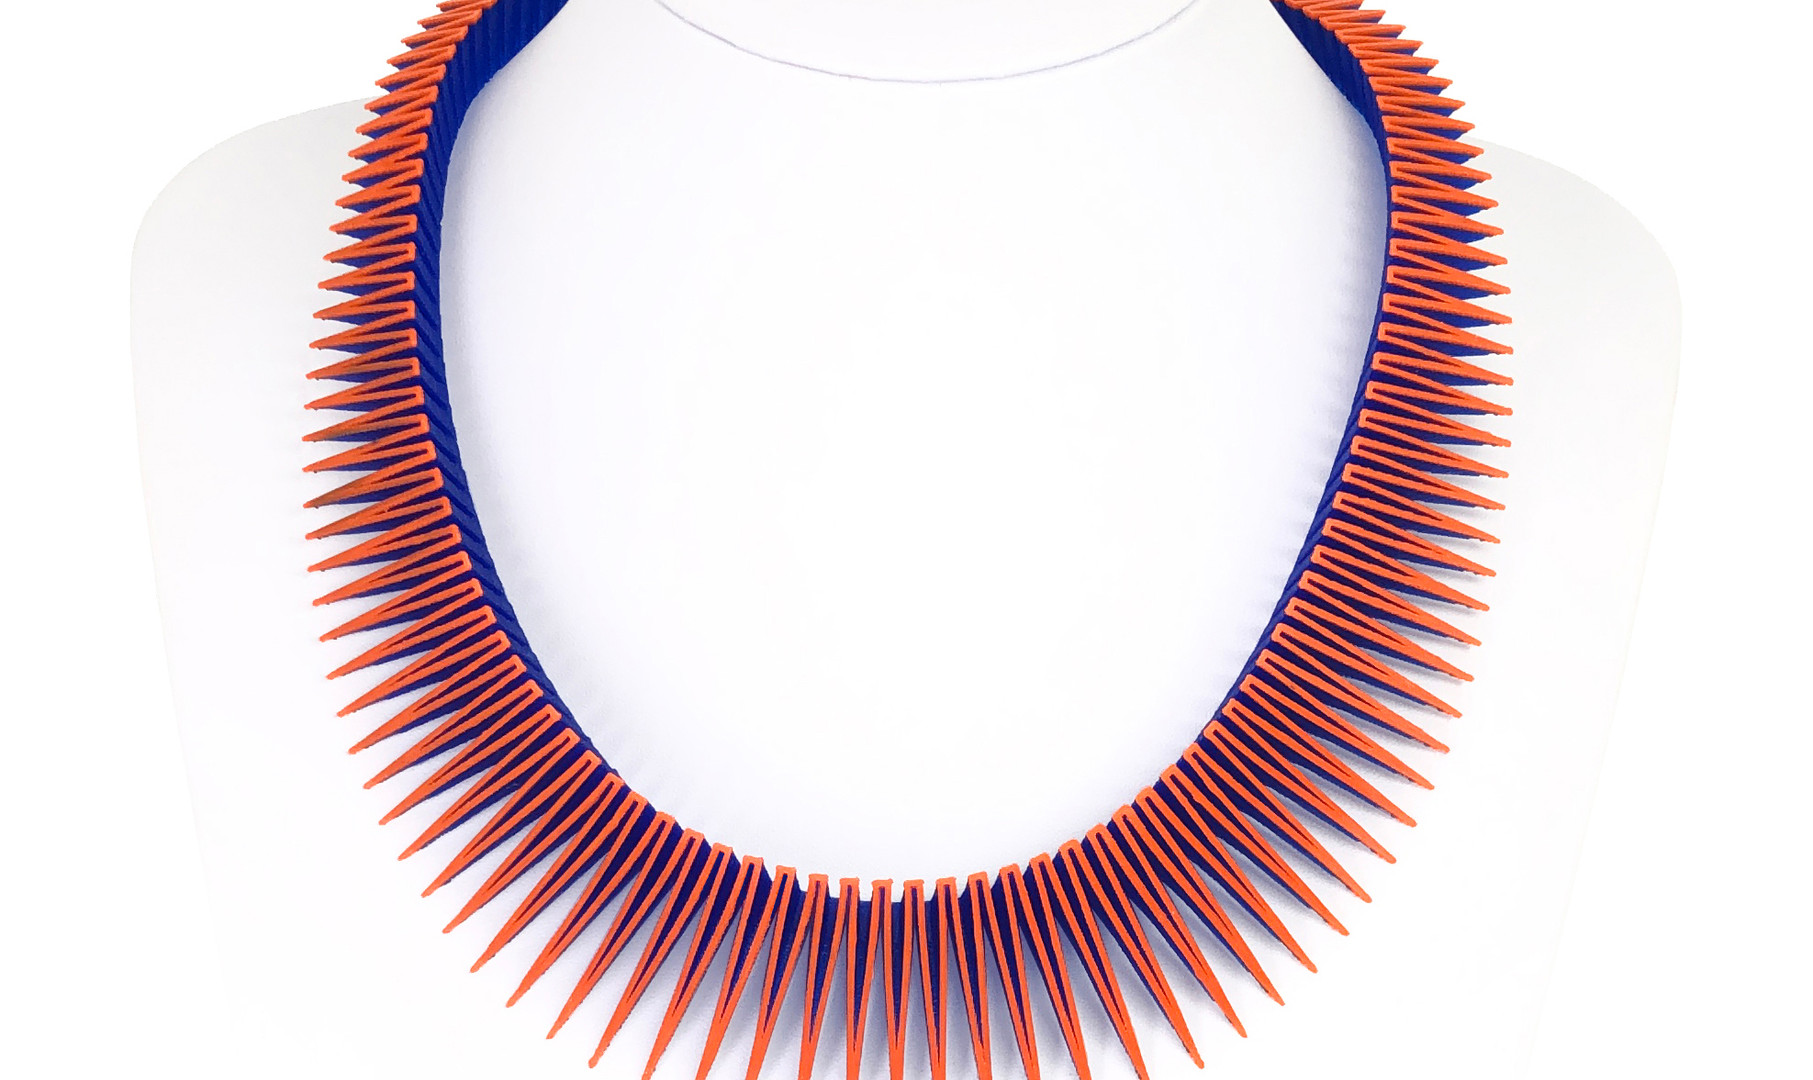 191228_SERPENT_Orange-Blue.jpg